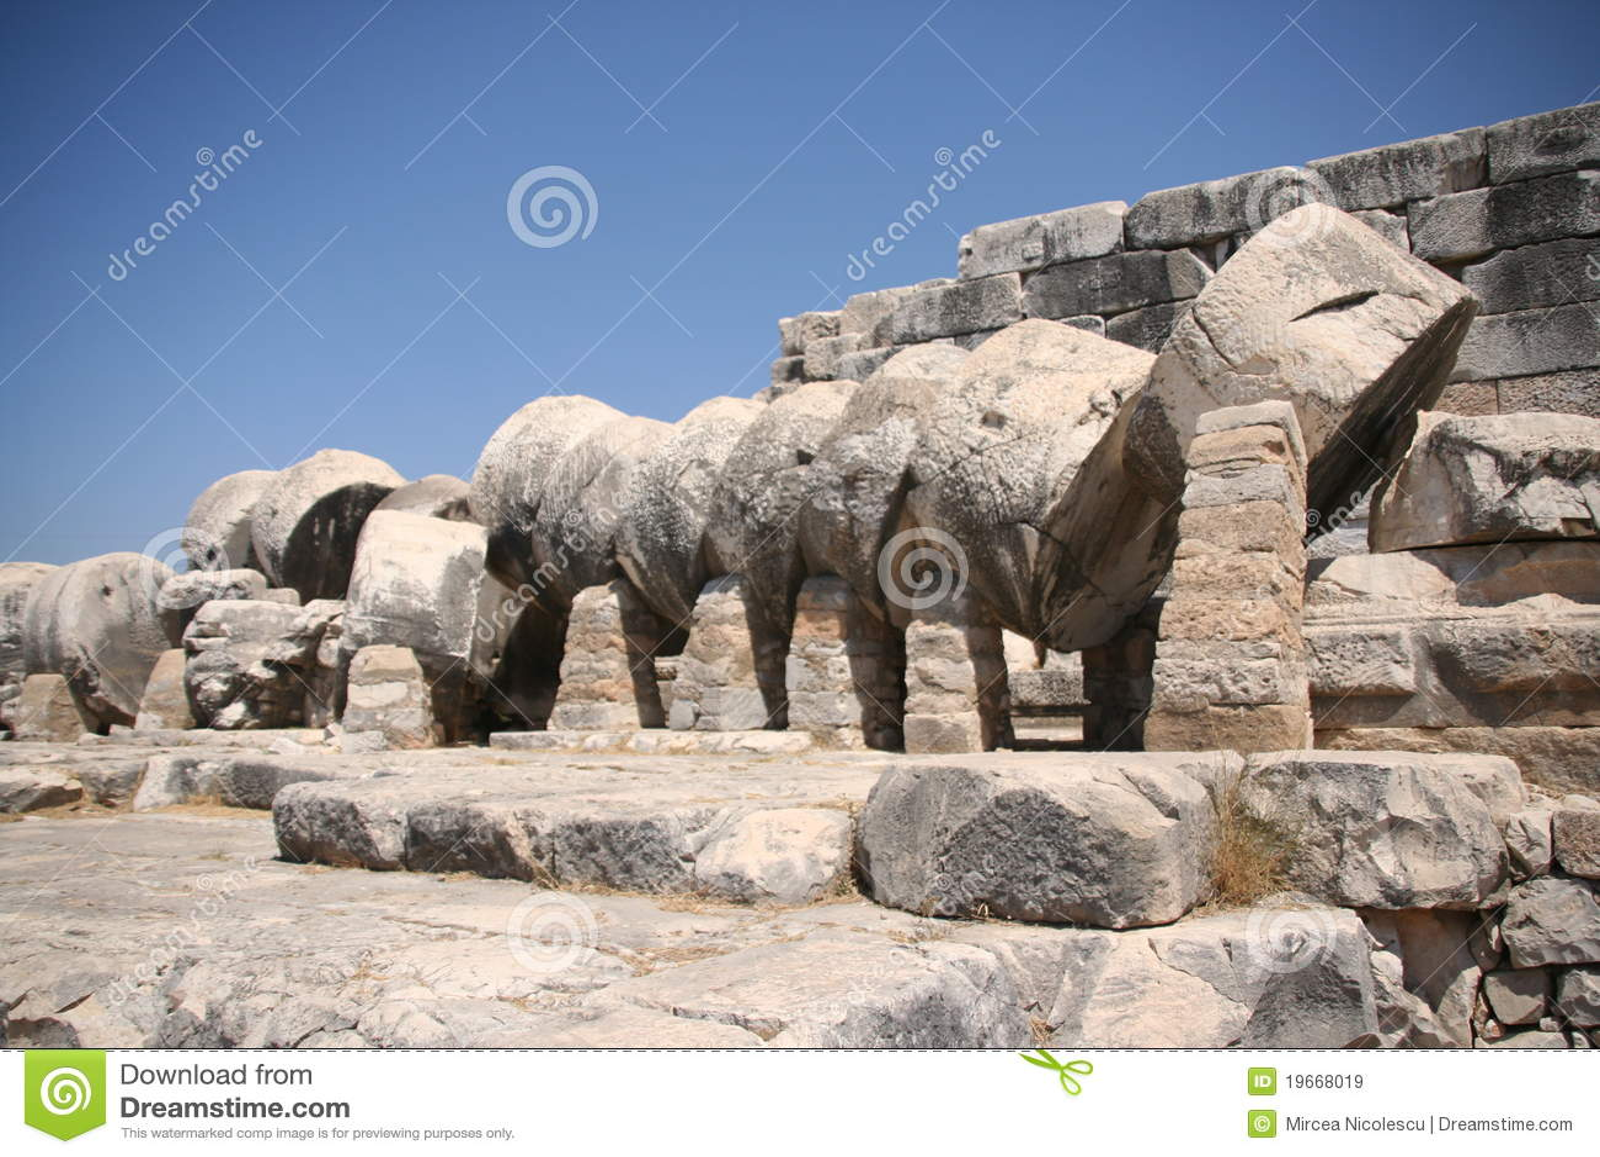 Didim Apollo temple column